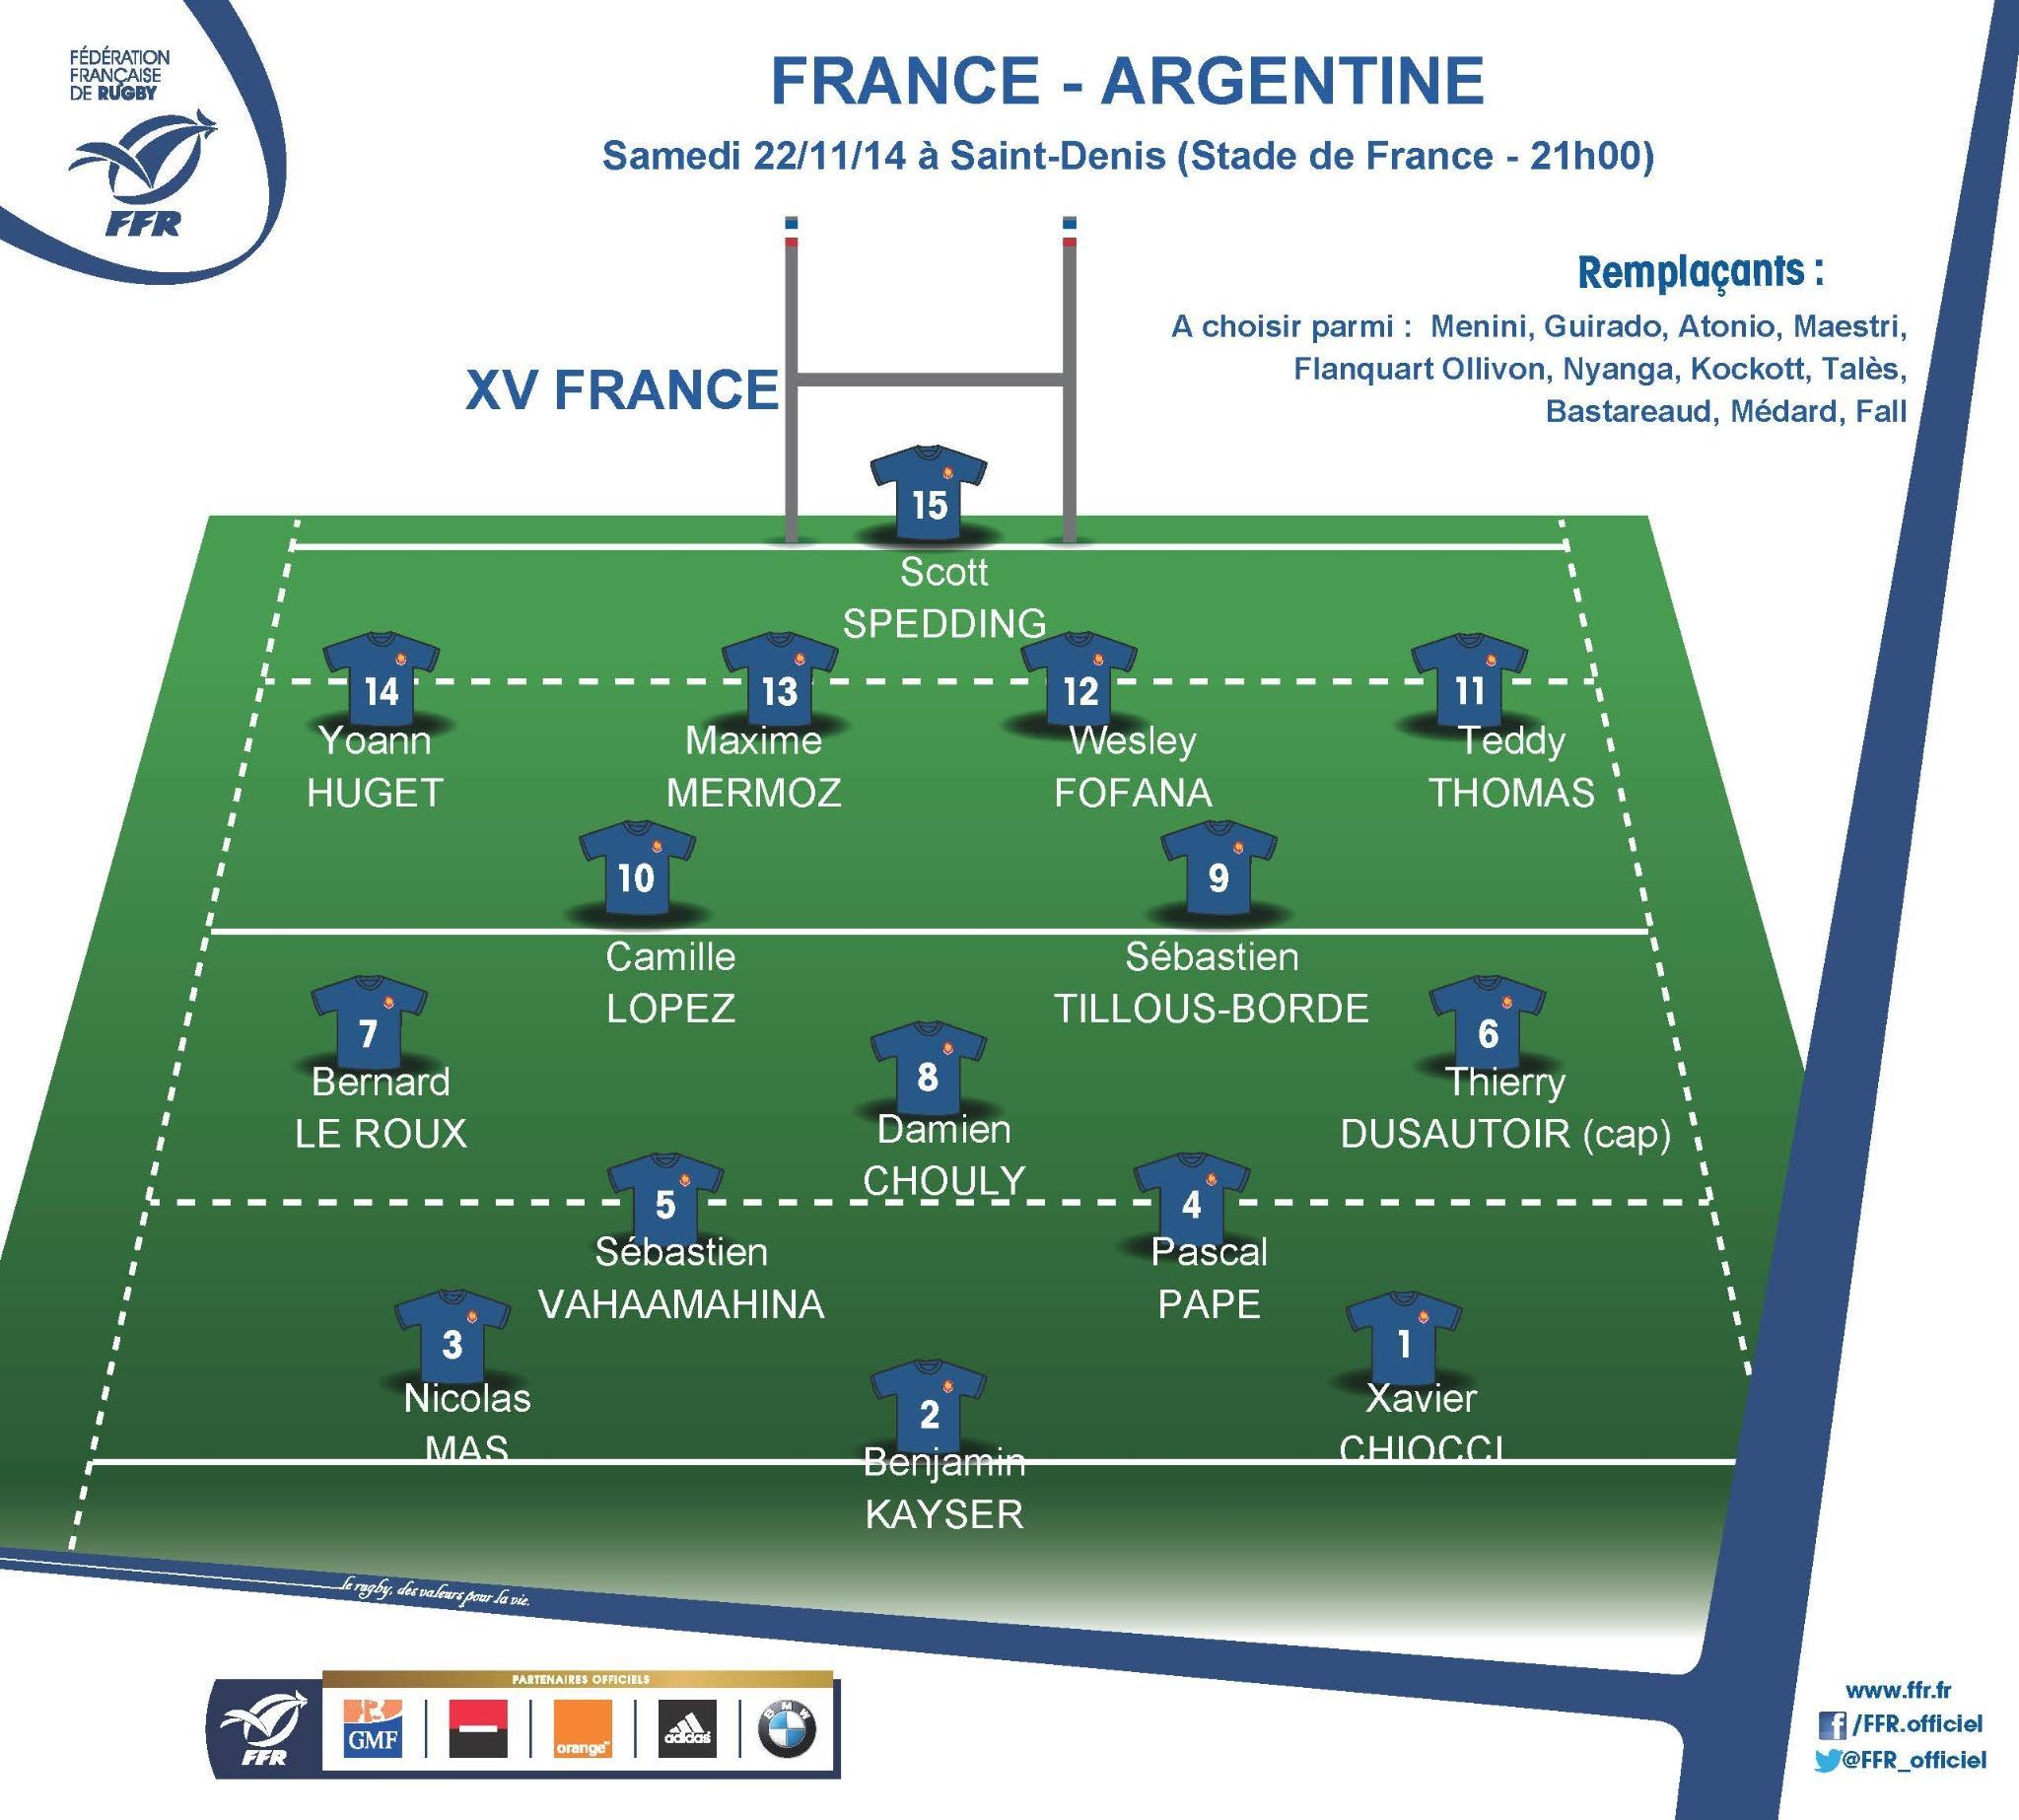 Composition du XV de France face à l'Argentine, match qui se joue ce samedi à 21h00. Teddy Thomas et Maxime Médard échange leur place, selon un communiqué de la FFR de ce matin.